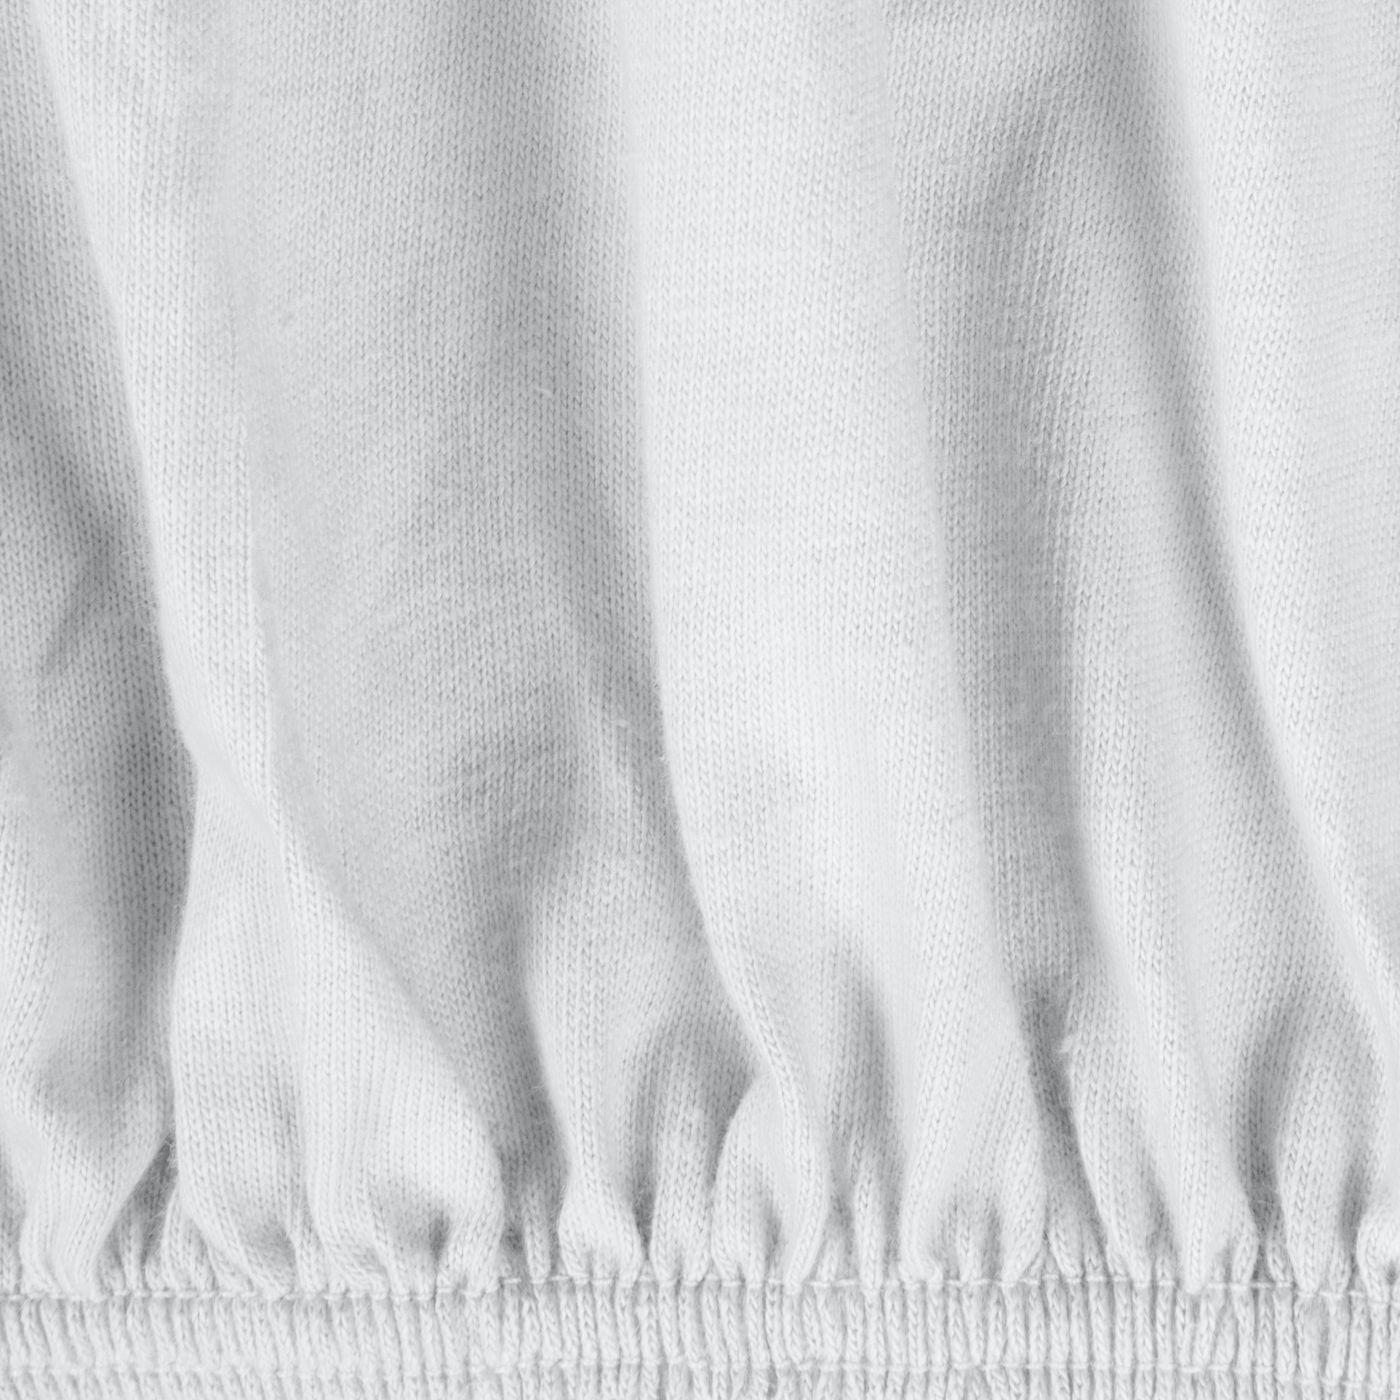 Prześcieradło Bawełniane Gładkie 140X200+25CM 140 kolor Biały